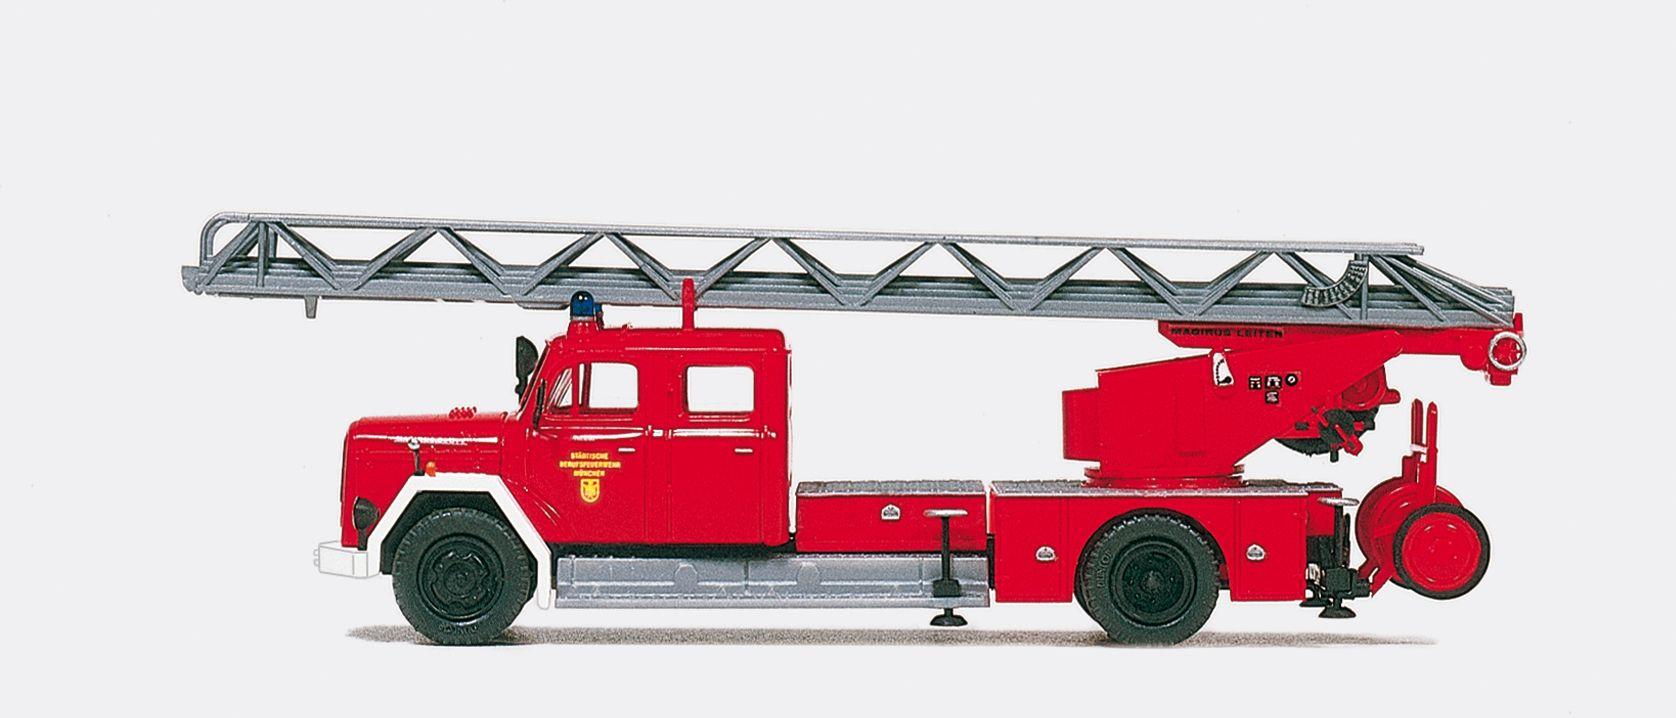 1:87 Feuerwehr Drehleiter DL30 Magirus Deutz F 150 D 10 Staffelfahrerhaus, Bausatz - Preiser 31265  | günstig bestellen bei Modelleisenbahn Center  MCS Vertriebs GmbH